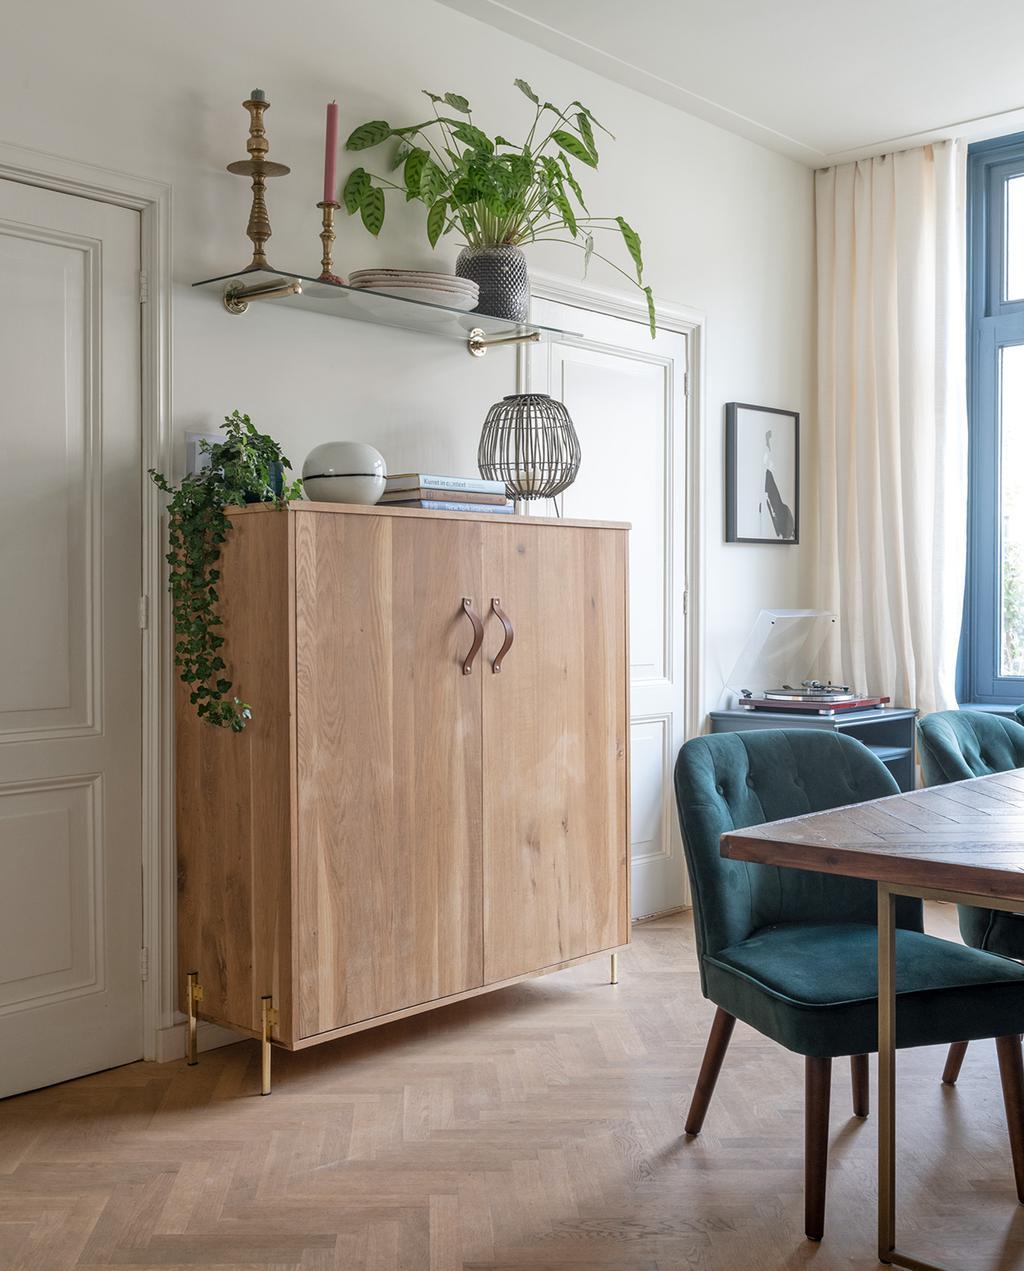 vtwonen special tiny houses | woonkamer met eettafel en kast